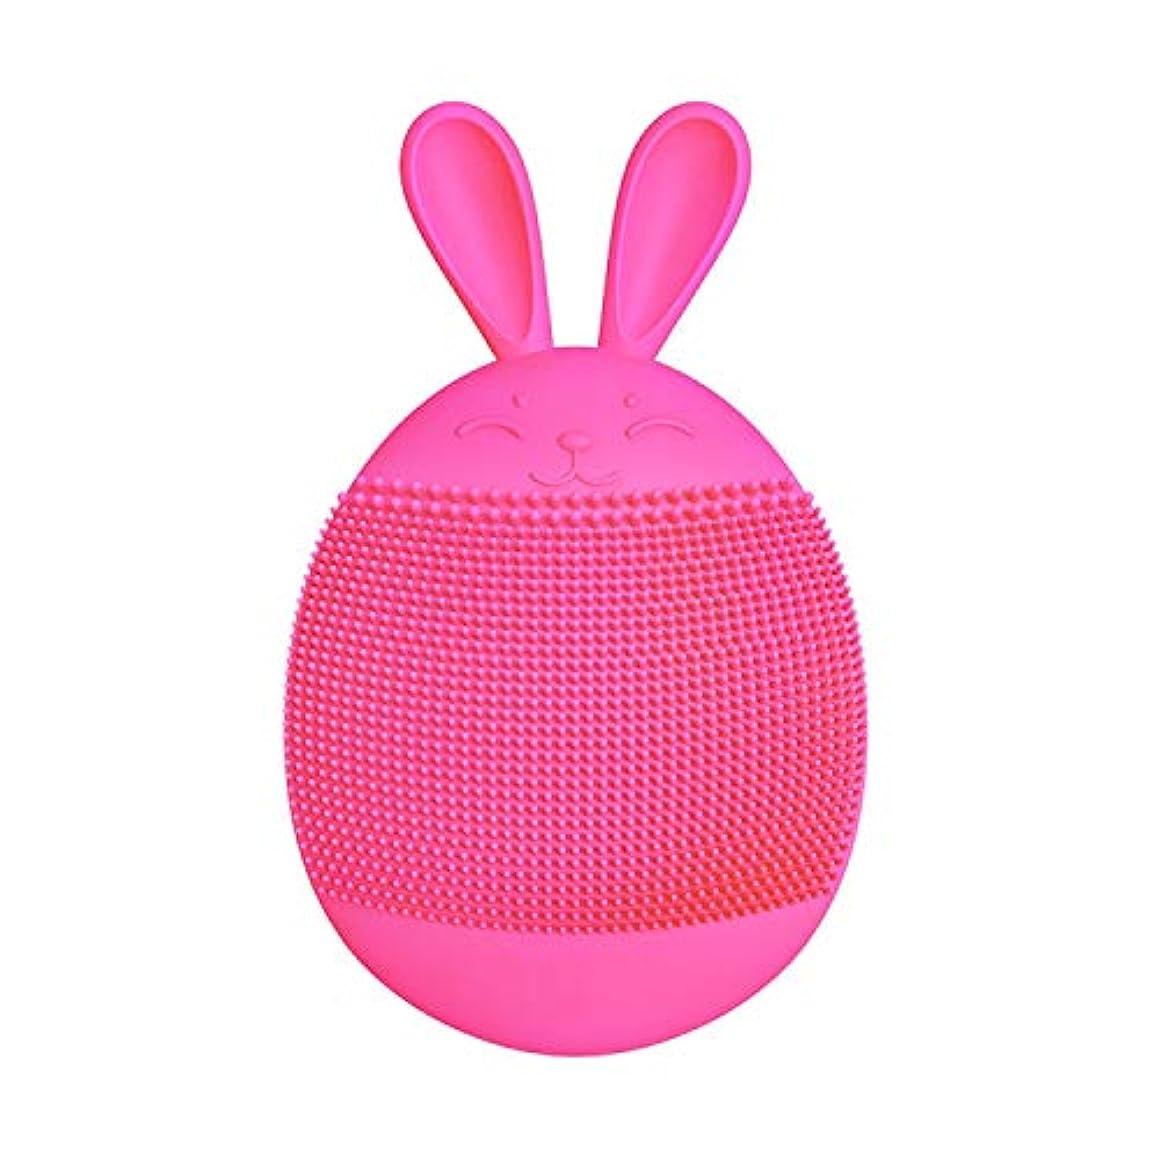 競争力のあるブースト切り離すクレンジングブラシ、シリコンハンドヘルド電動クレンジング楽器多機能ポータブル洗顔美容器具(ピンク),D